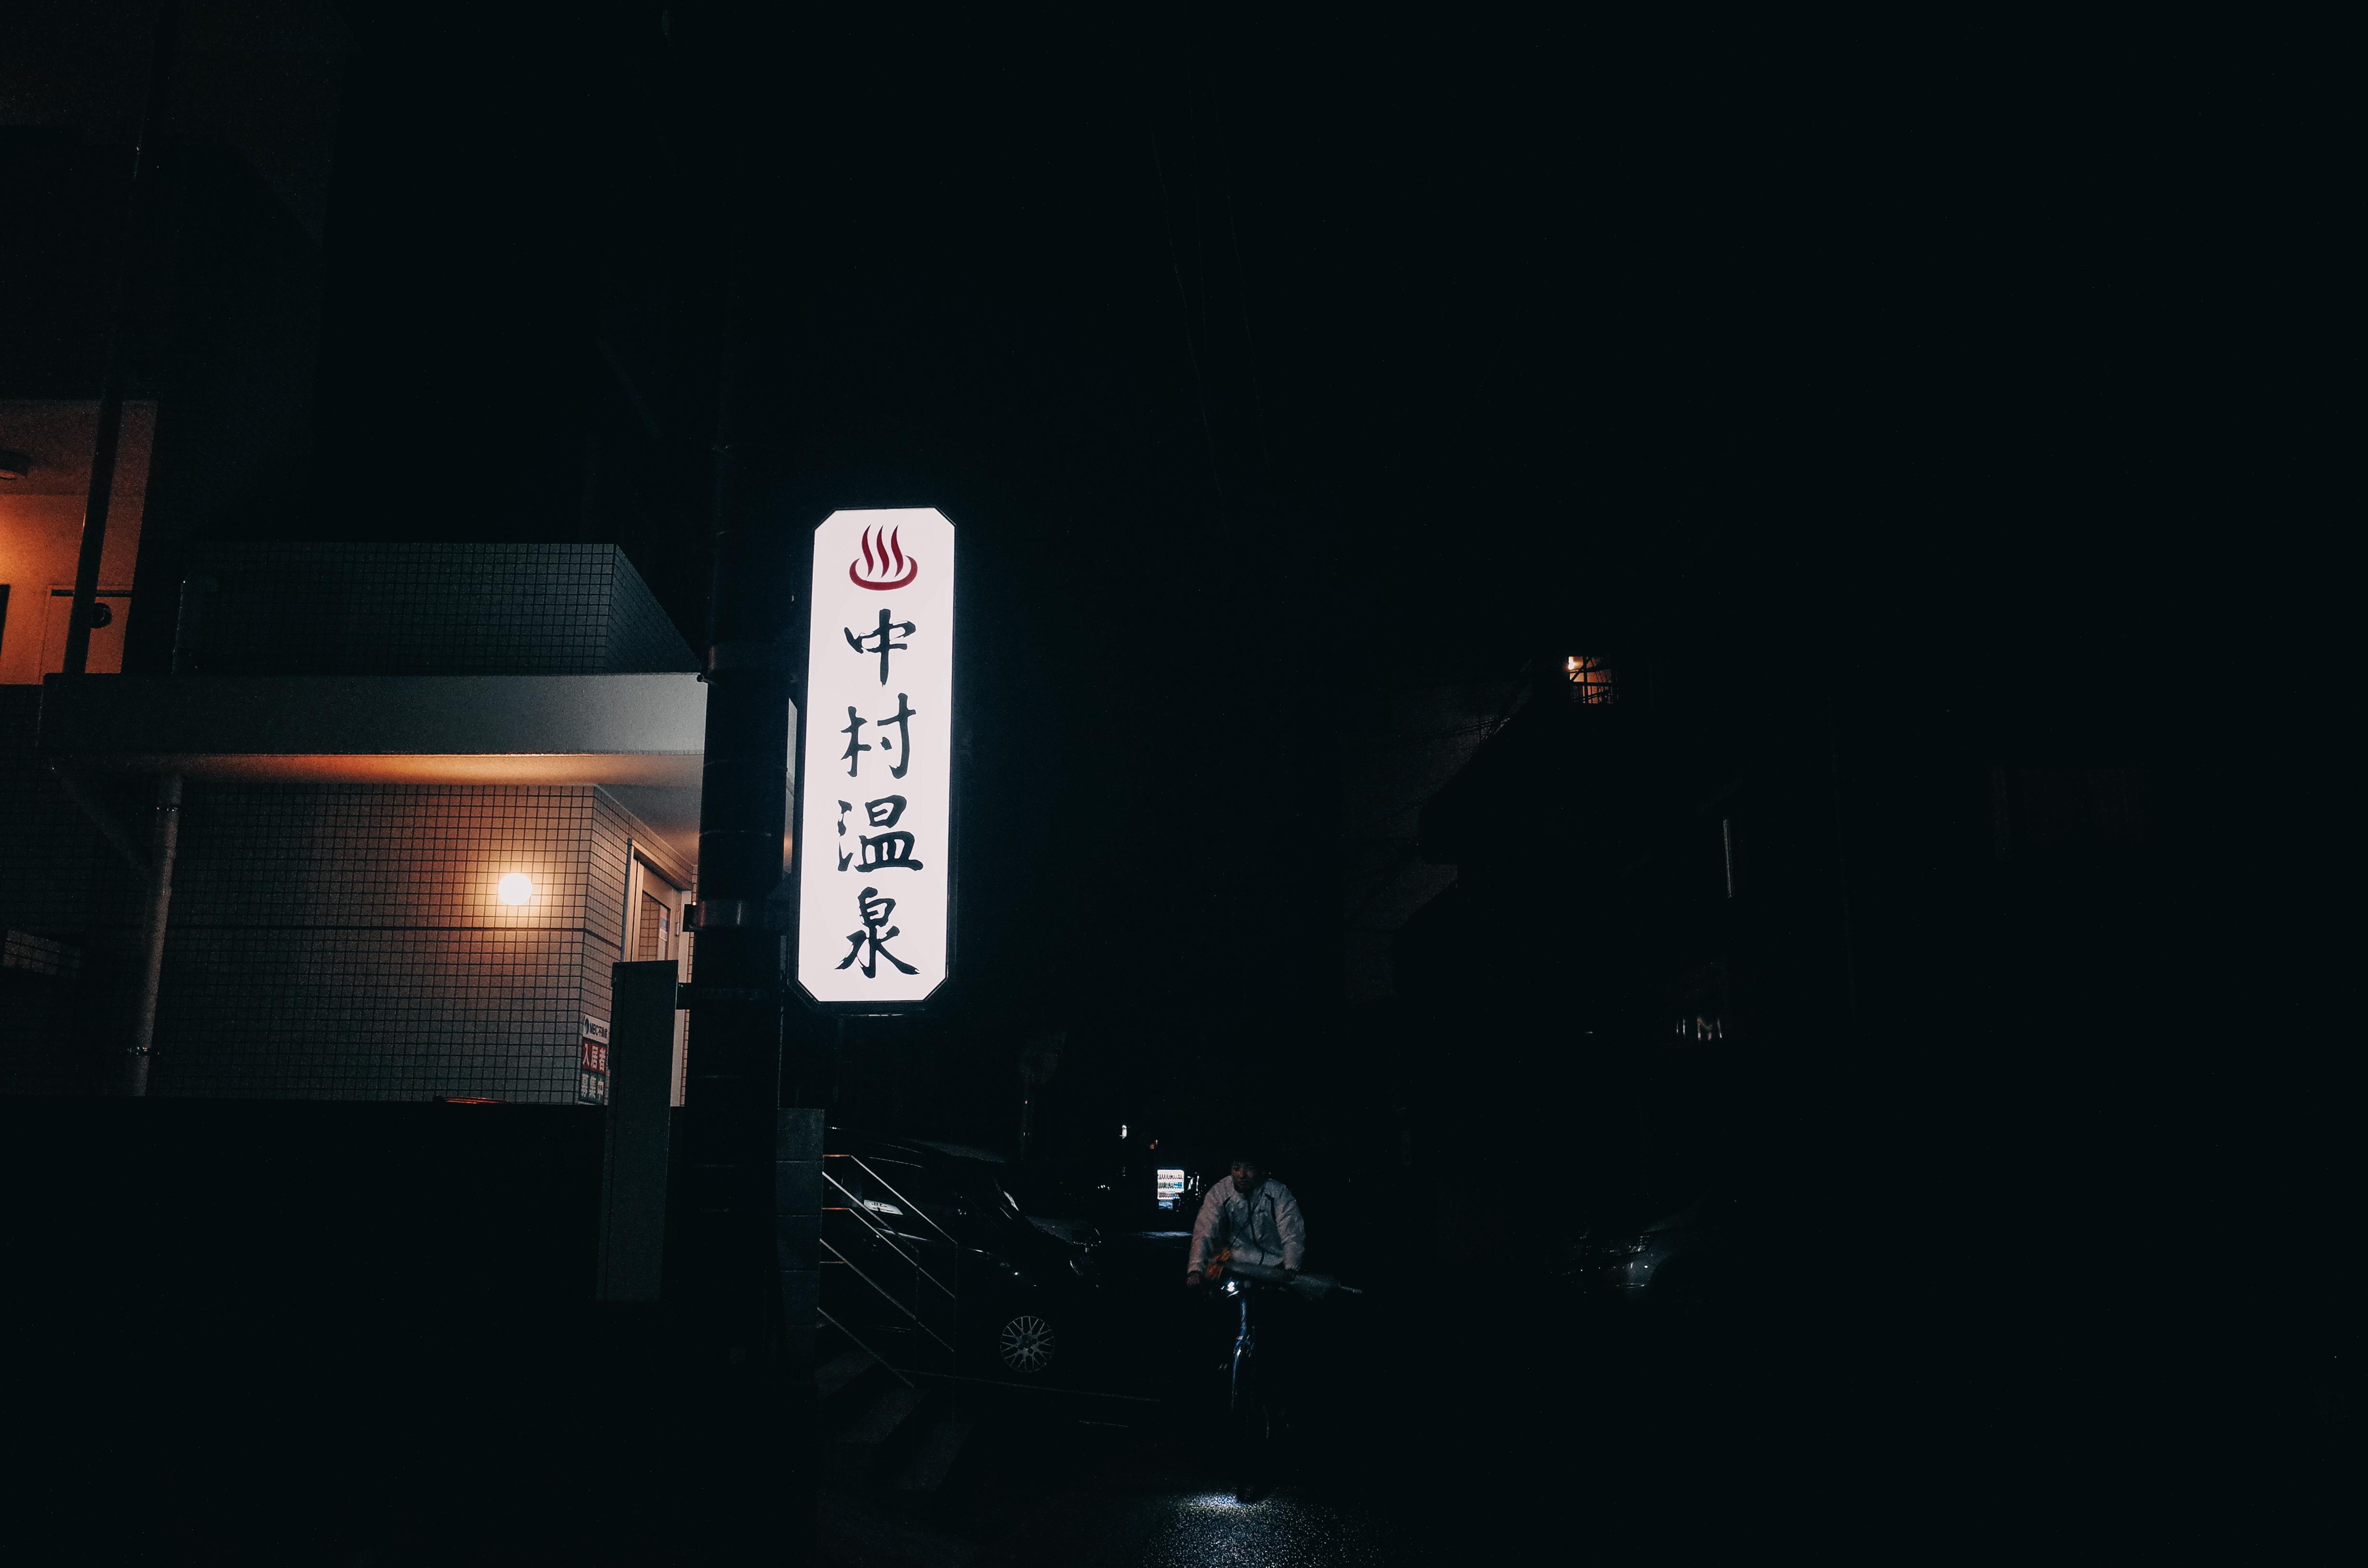 中村温泉|鹿児島県鹿児島市